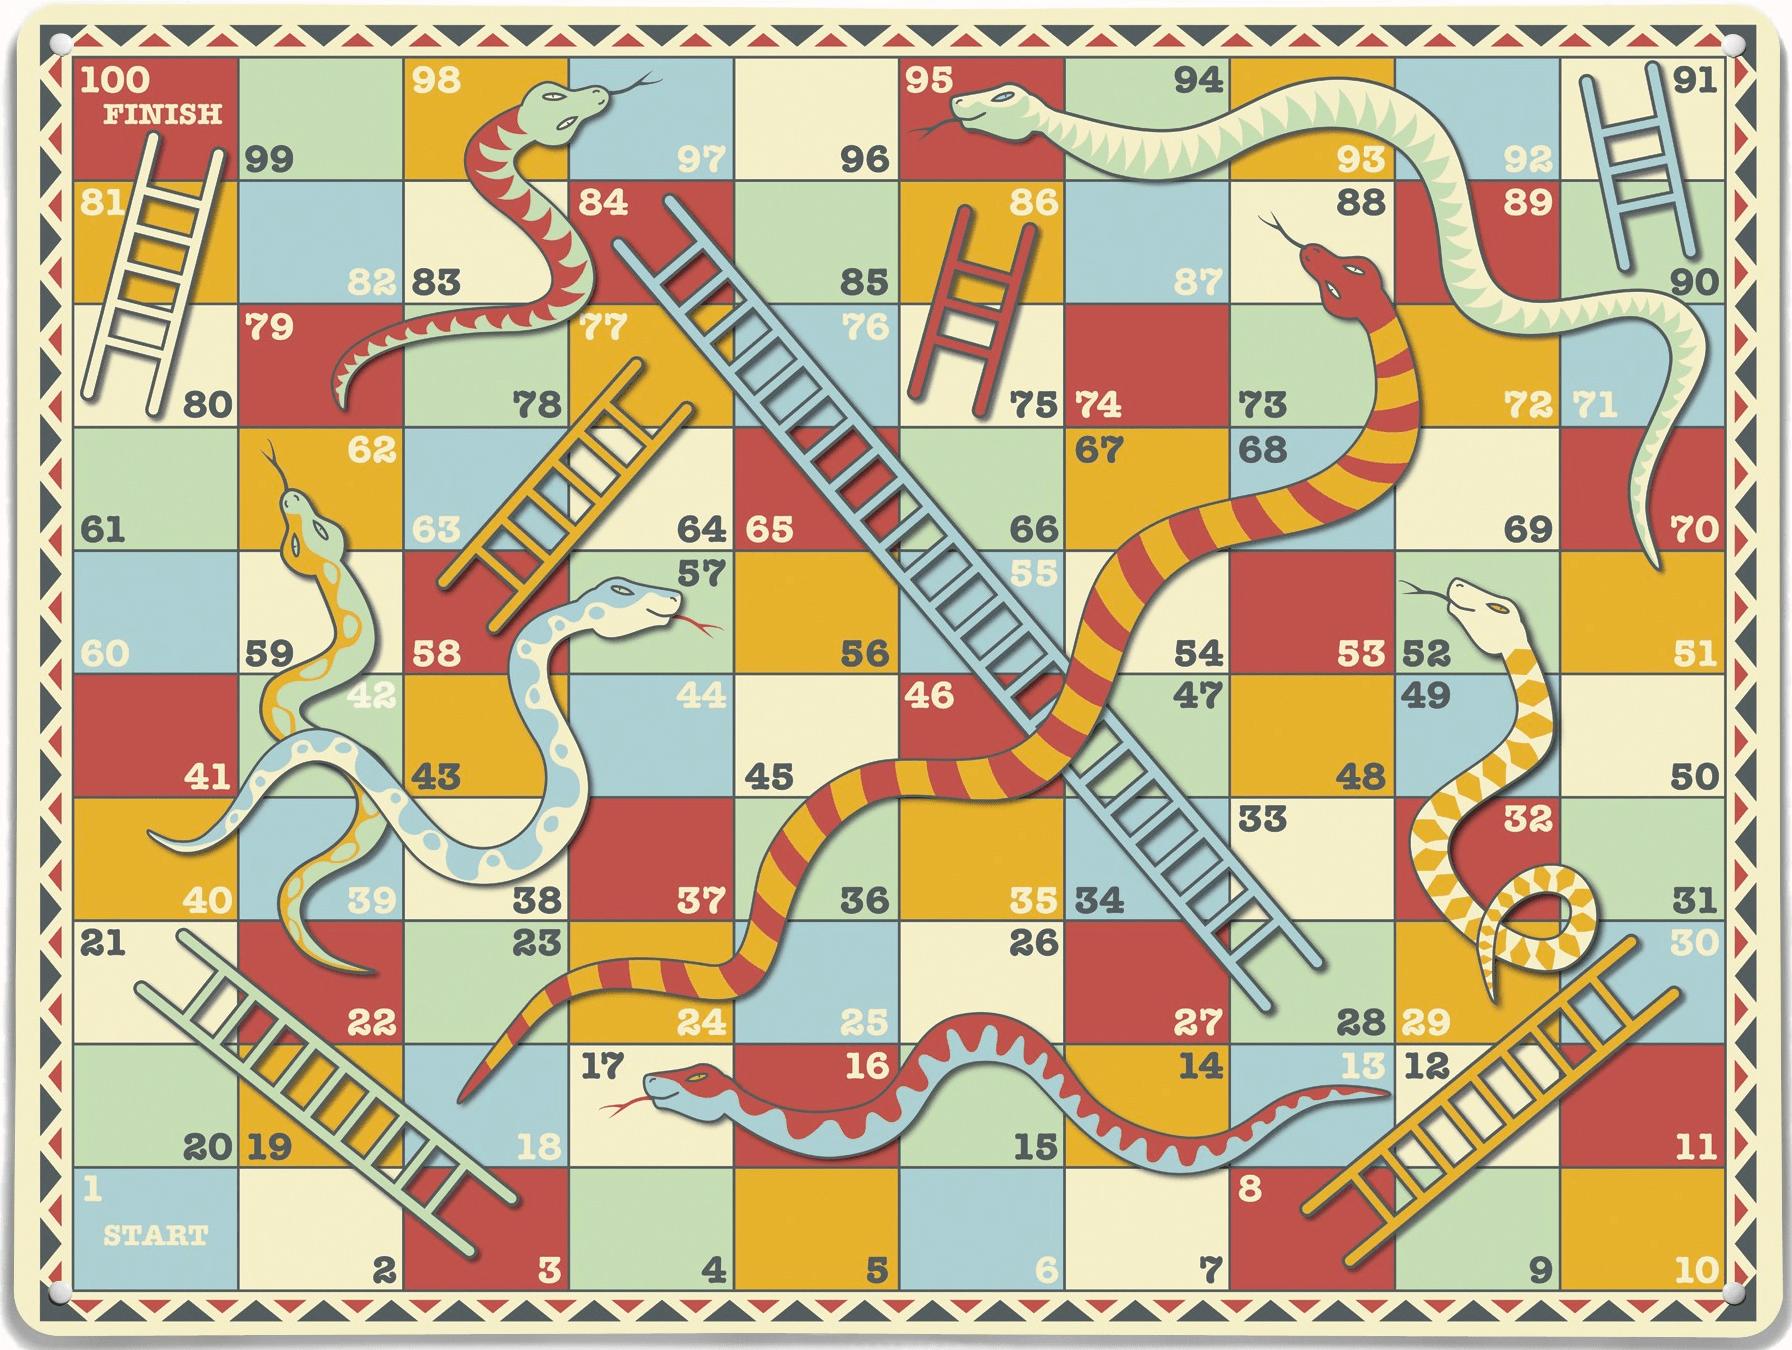 Jeux de société serpent et échelle